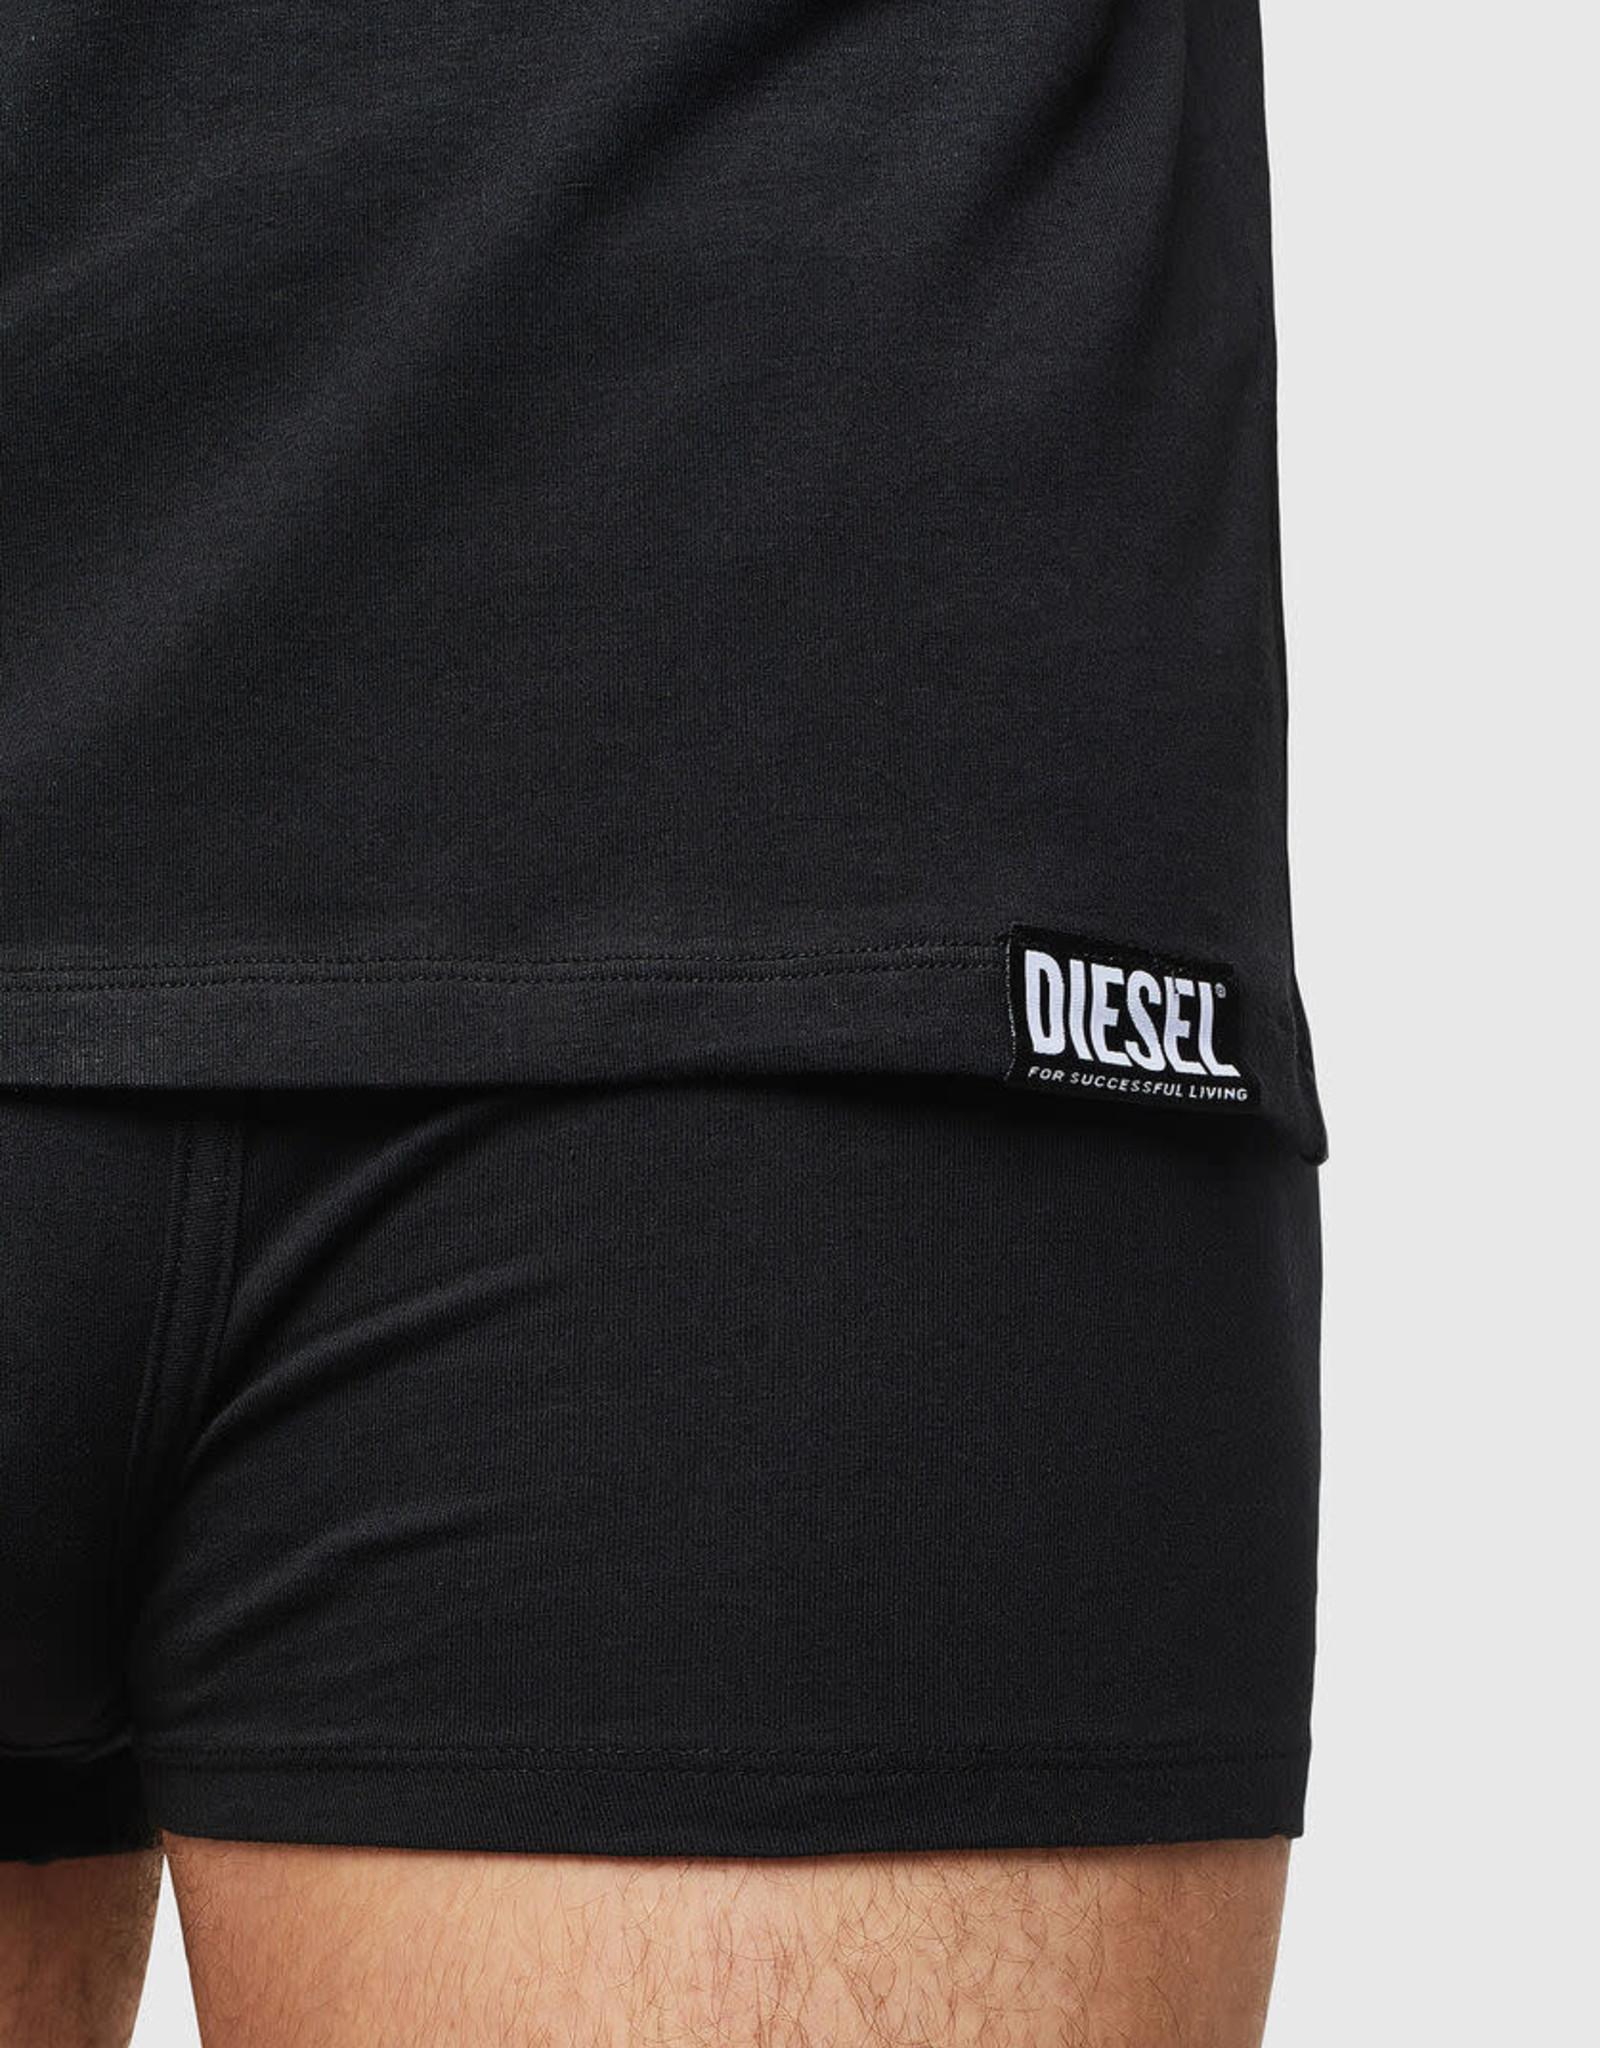 Diesel D BASE V BLK